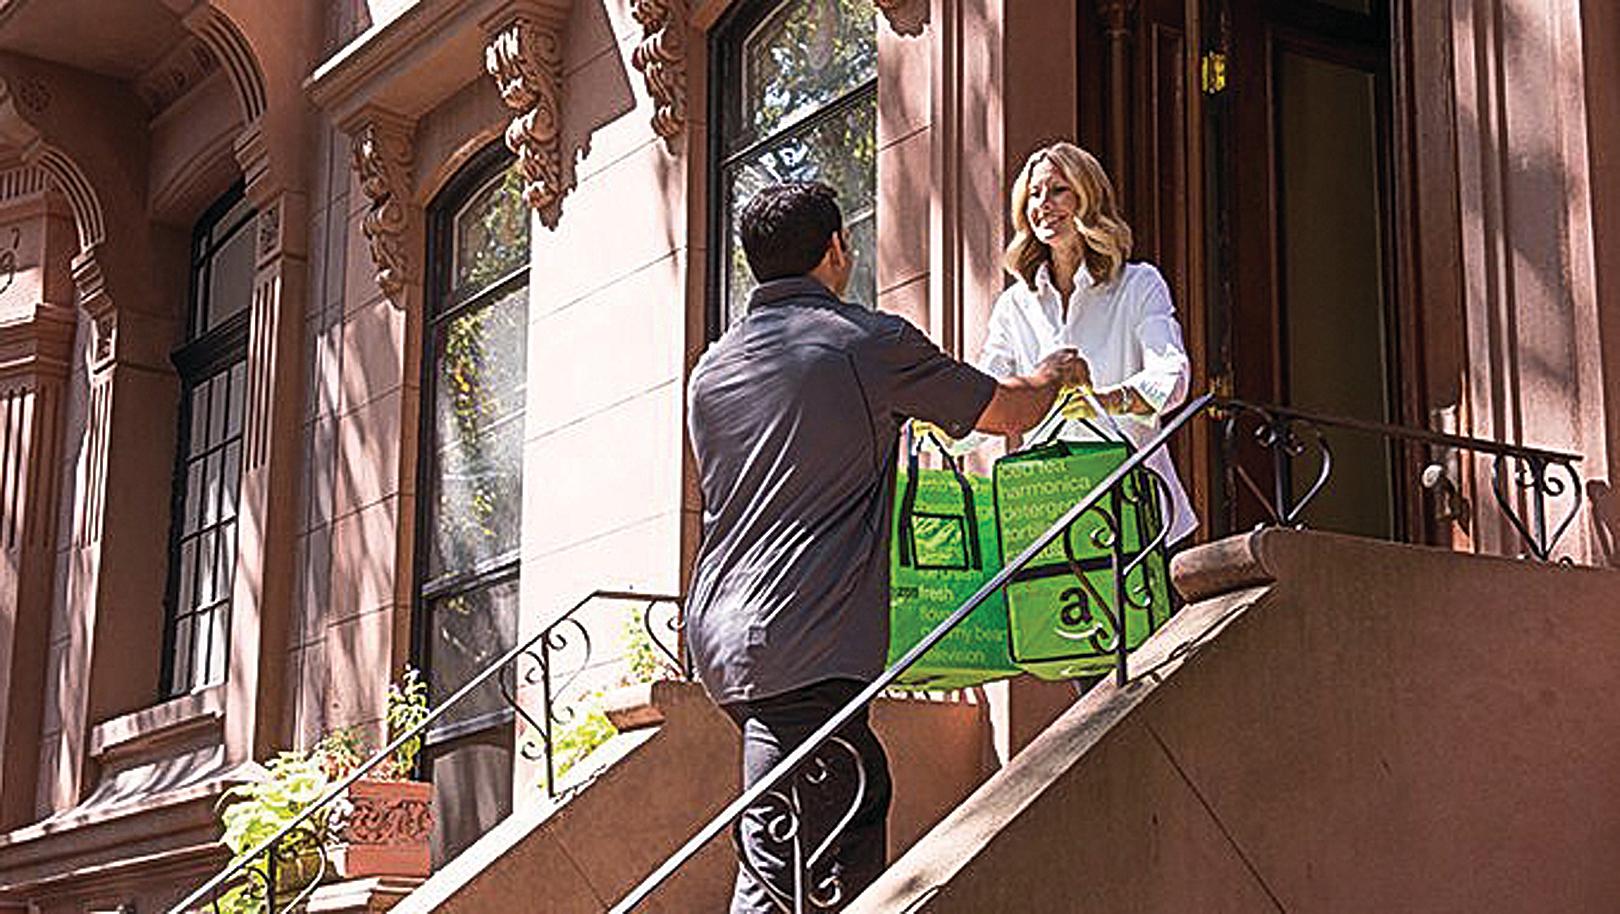 亞馬遜的生鮮食品「Fresh」服務主要是在都會區。(亞馬遜網站)